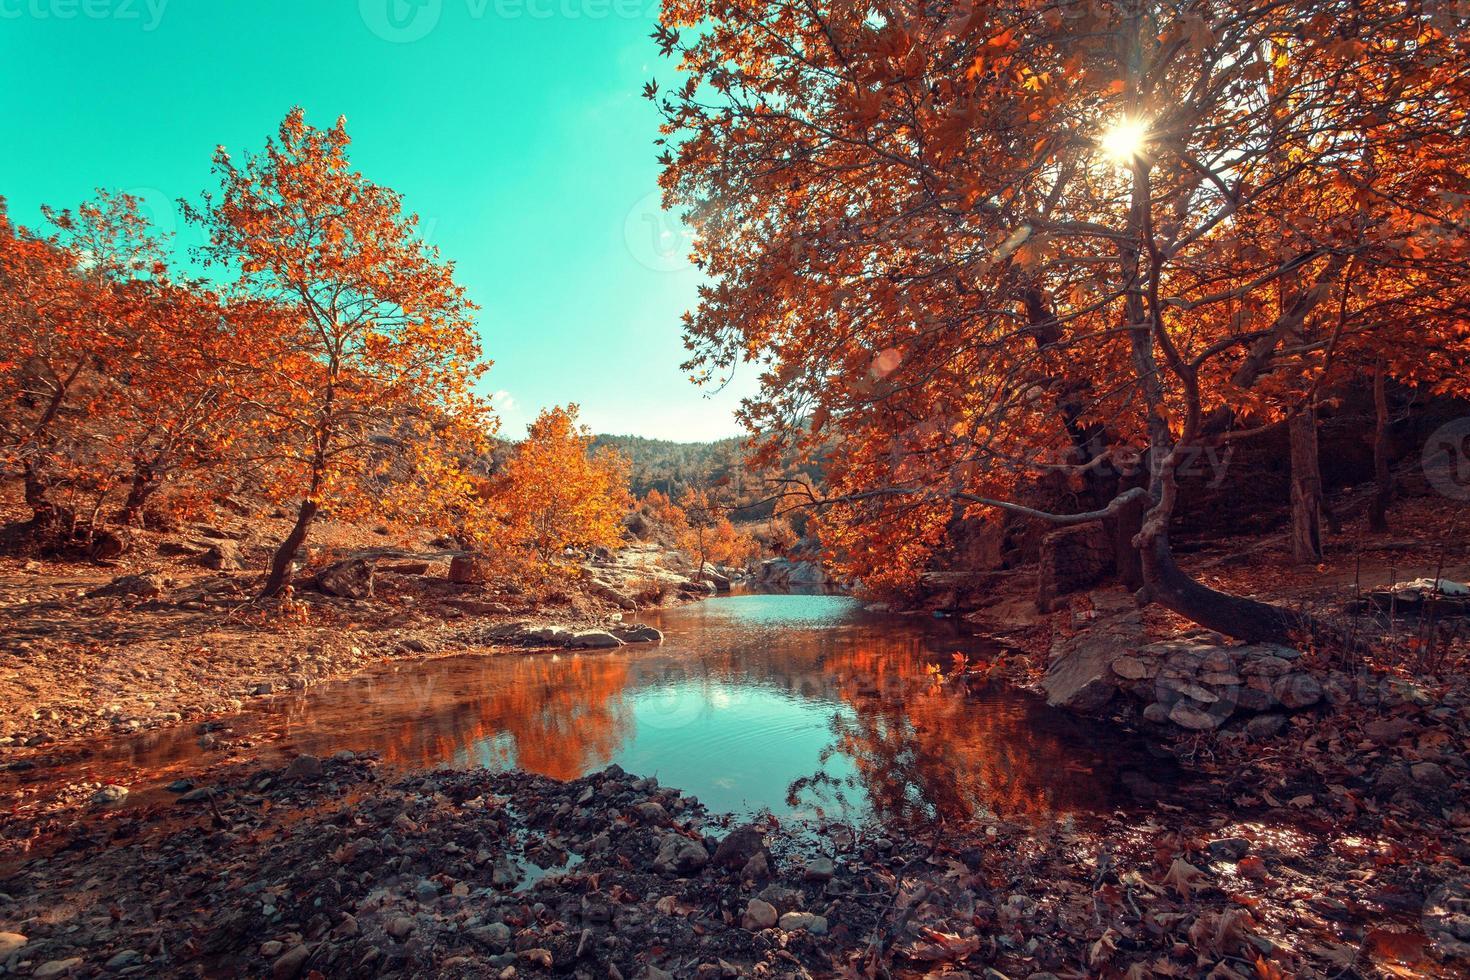 journée ensoleillée en automne près d'une petite rivière photo